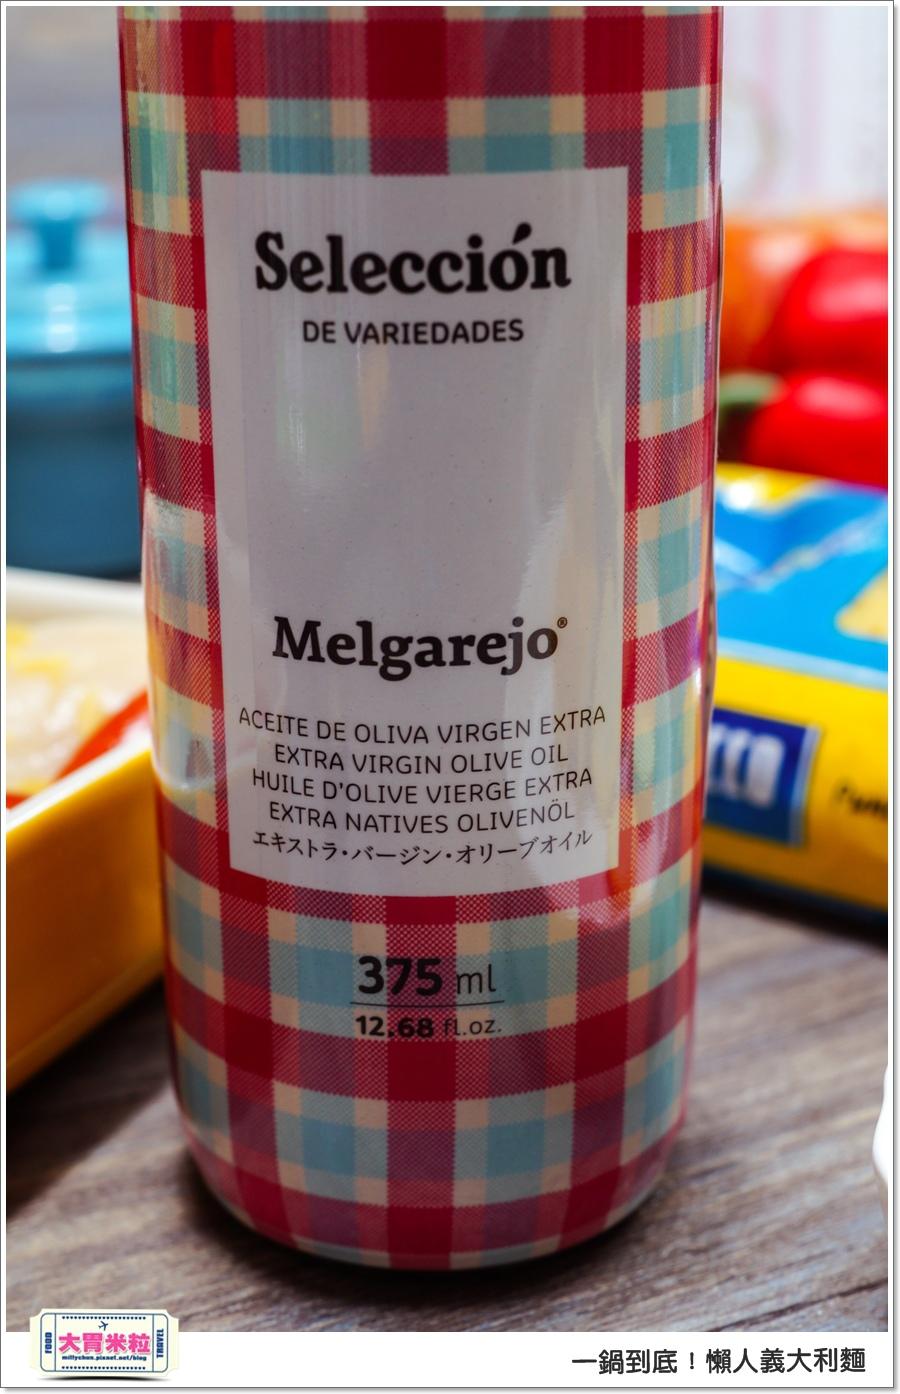 梅爾雷赫頂級初榨橄欖油食譜@懶人義大利麵食譜@大胃米粒00018.jpg